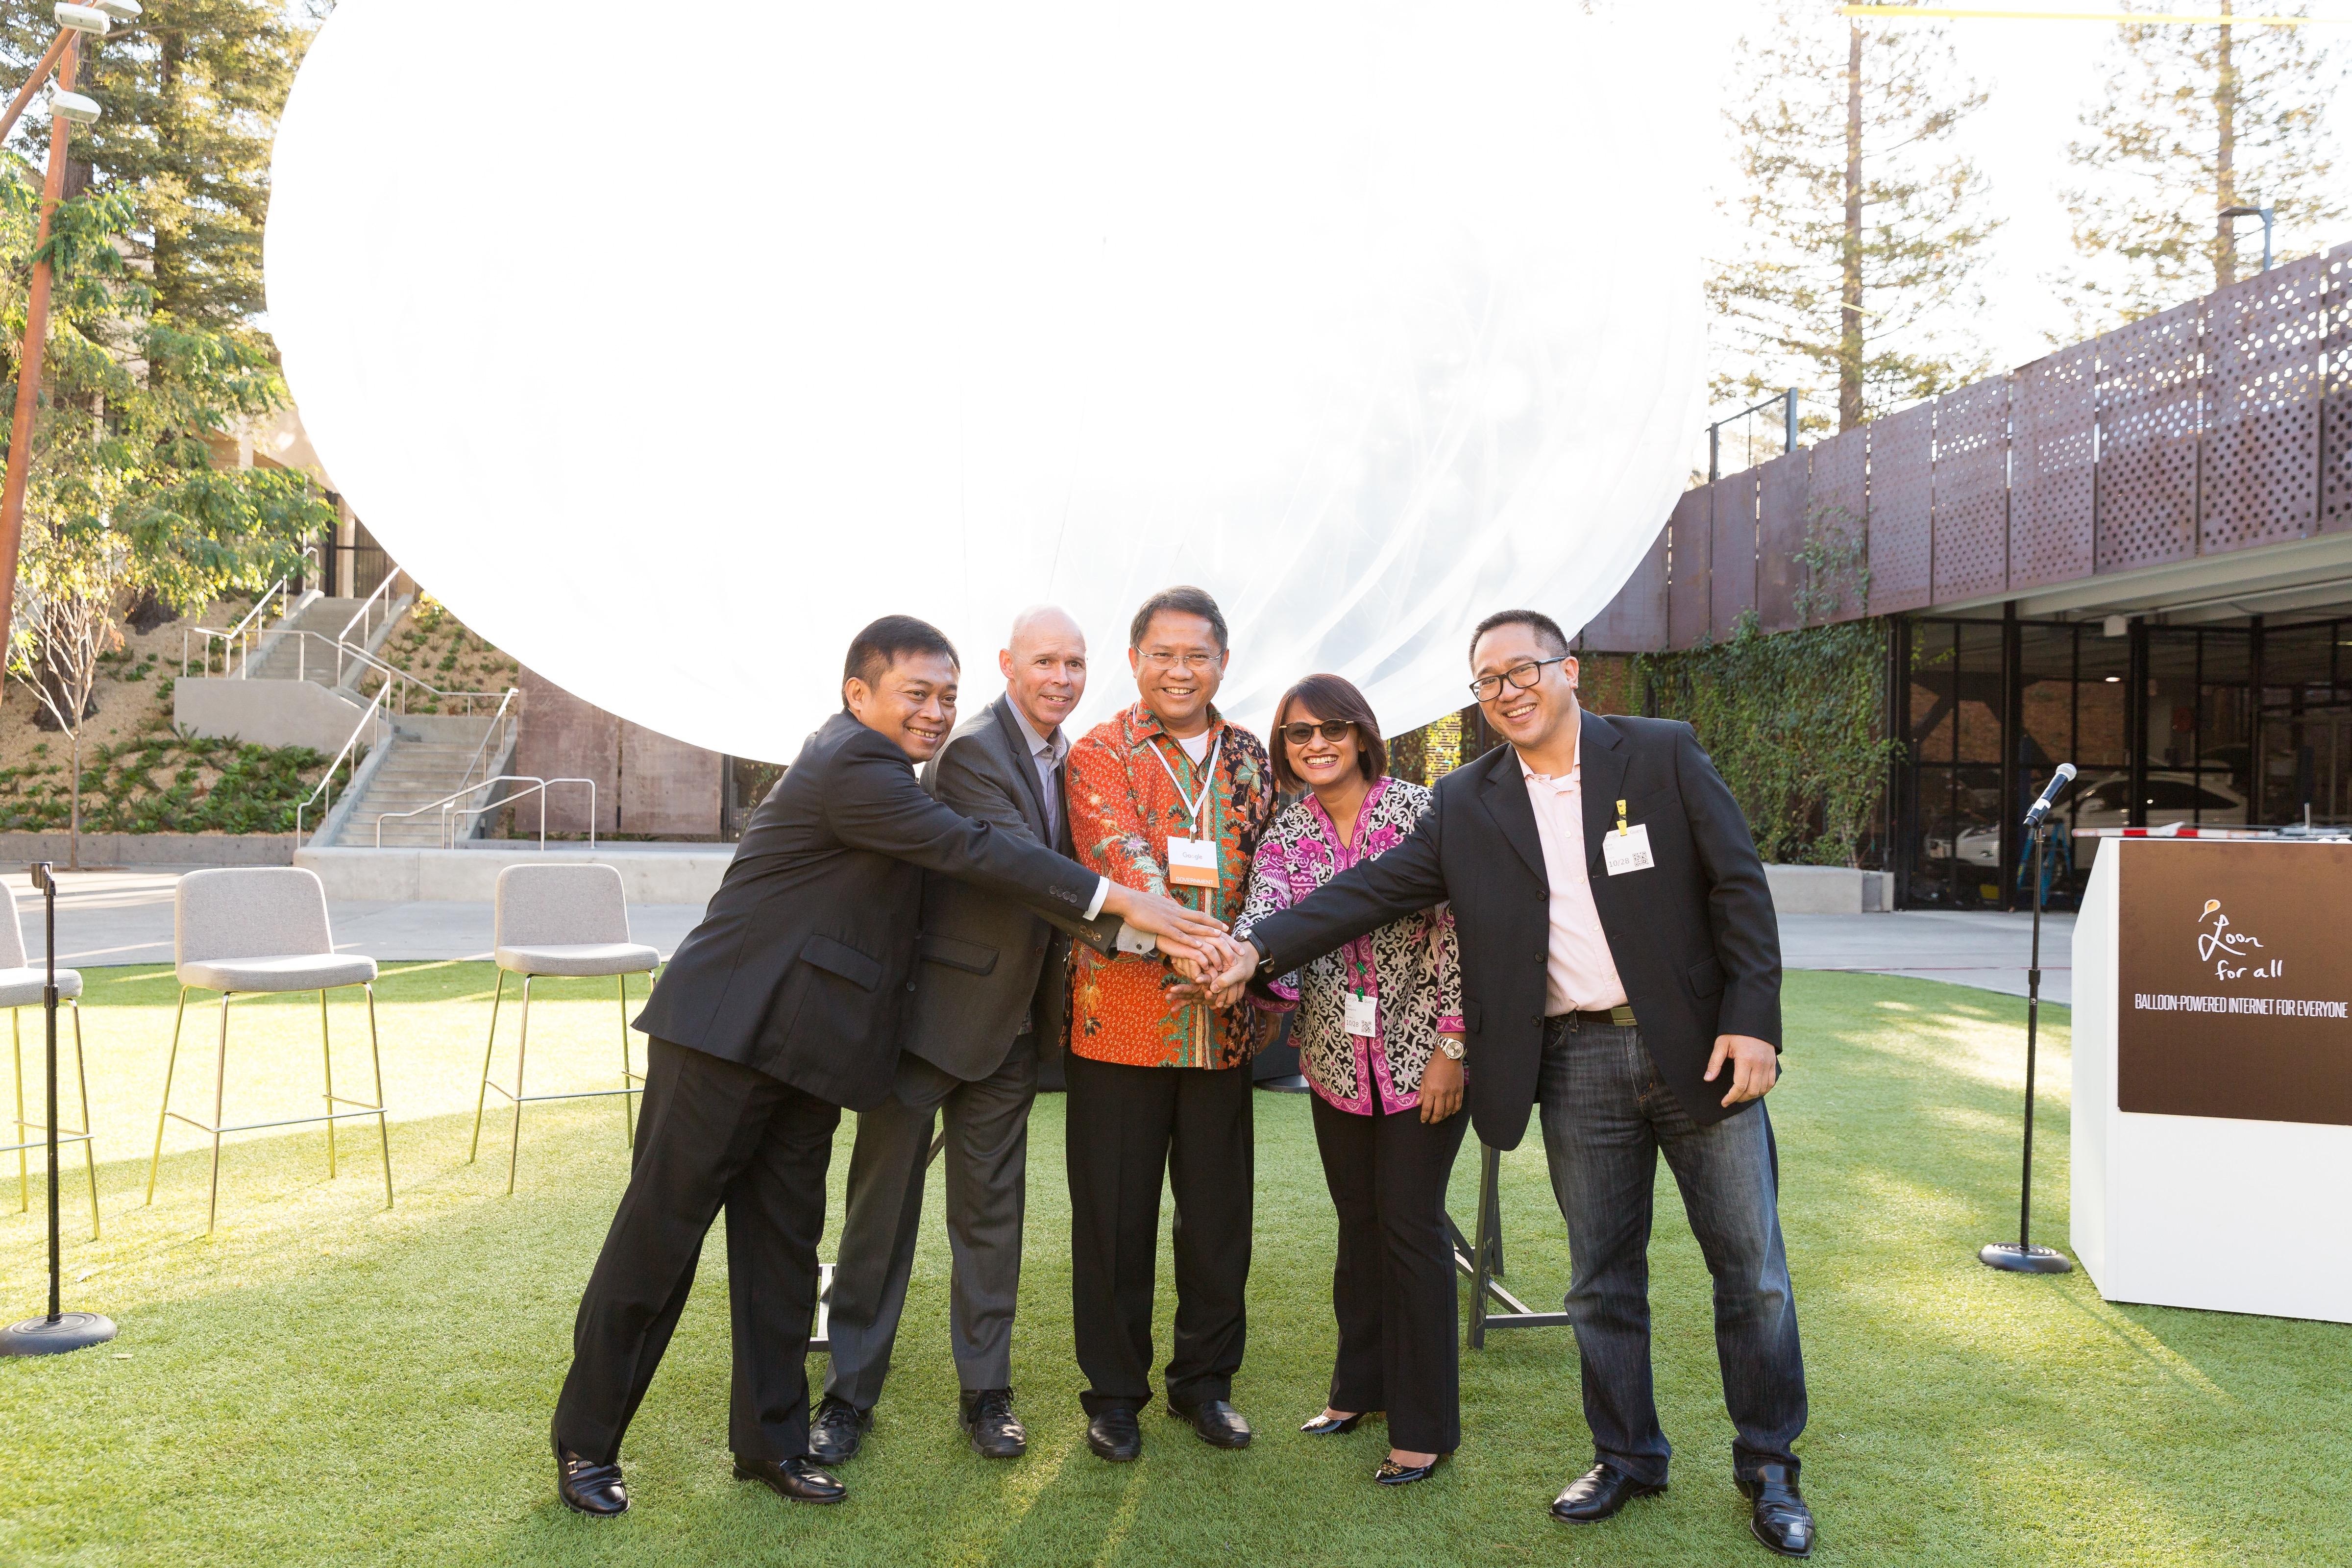 Indo delegation visit to SV - 102 of 115